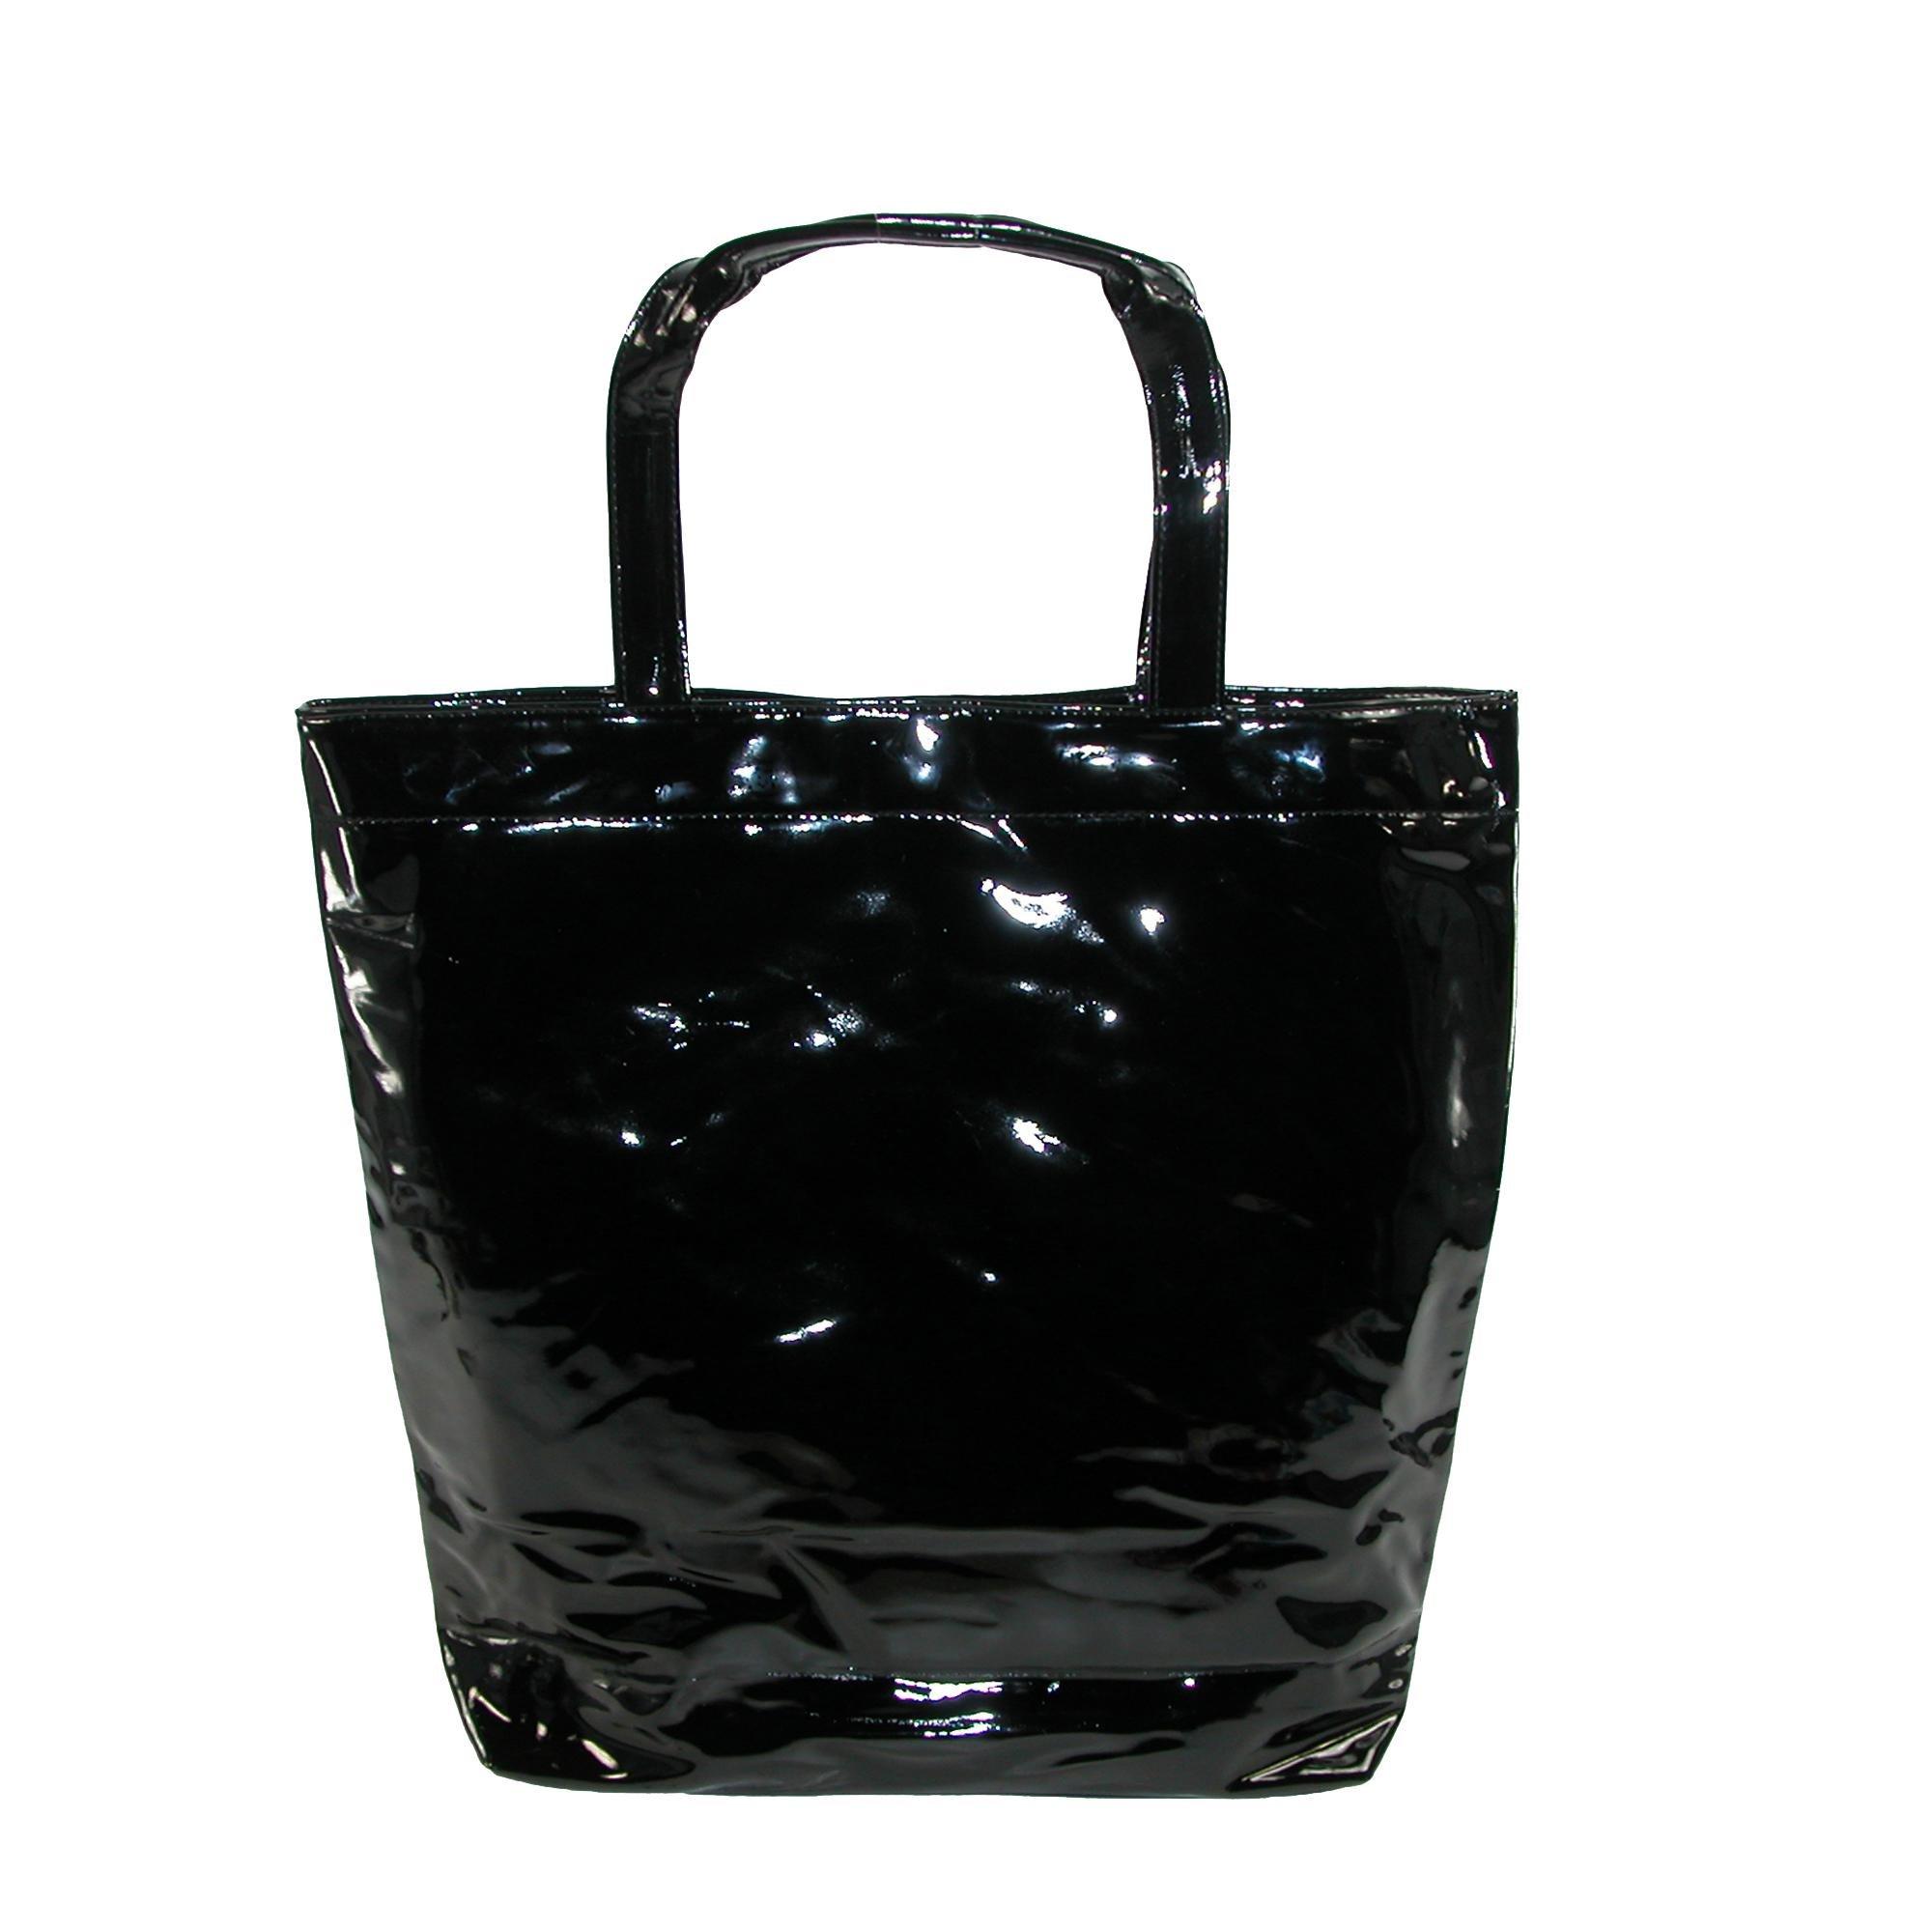 CTM Women's Patent Tote Bag, Black